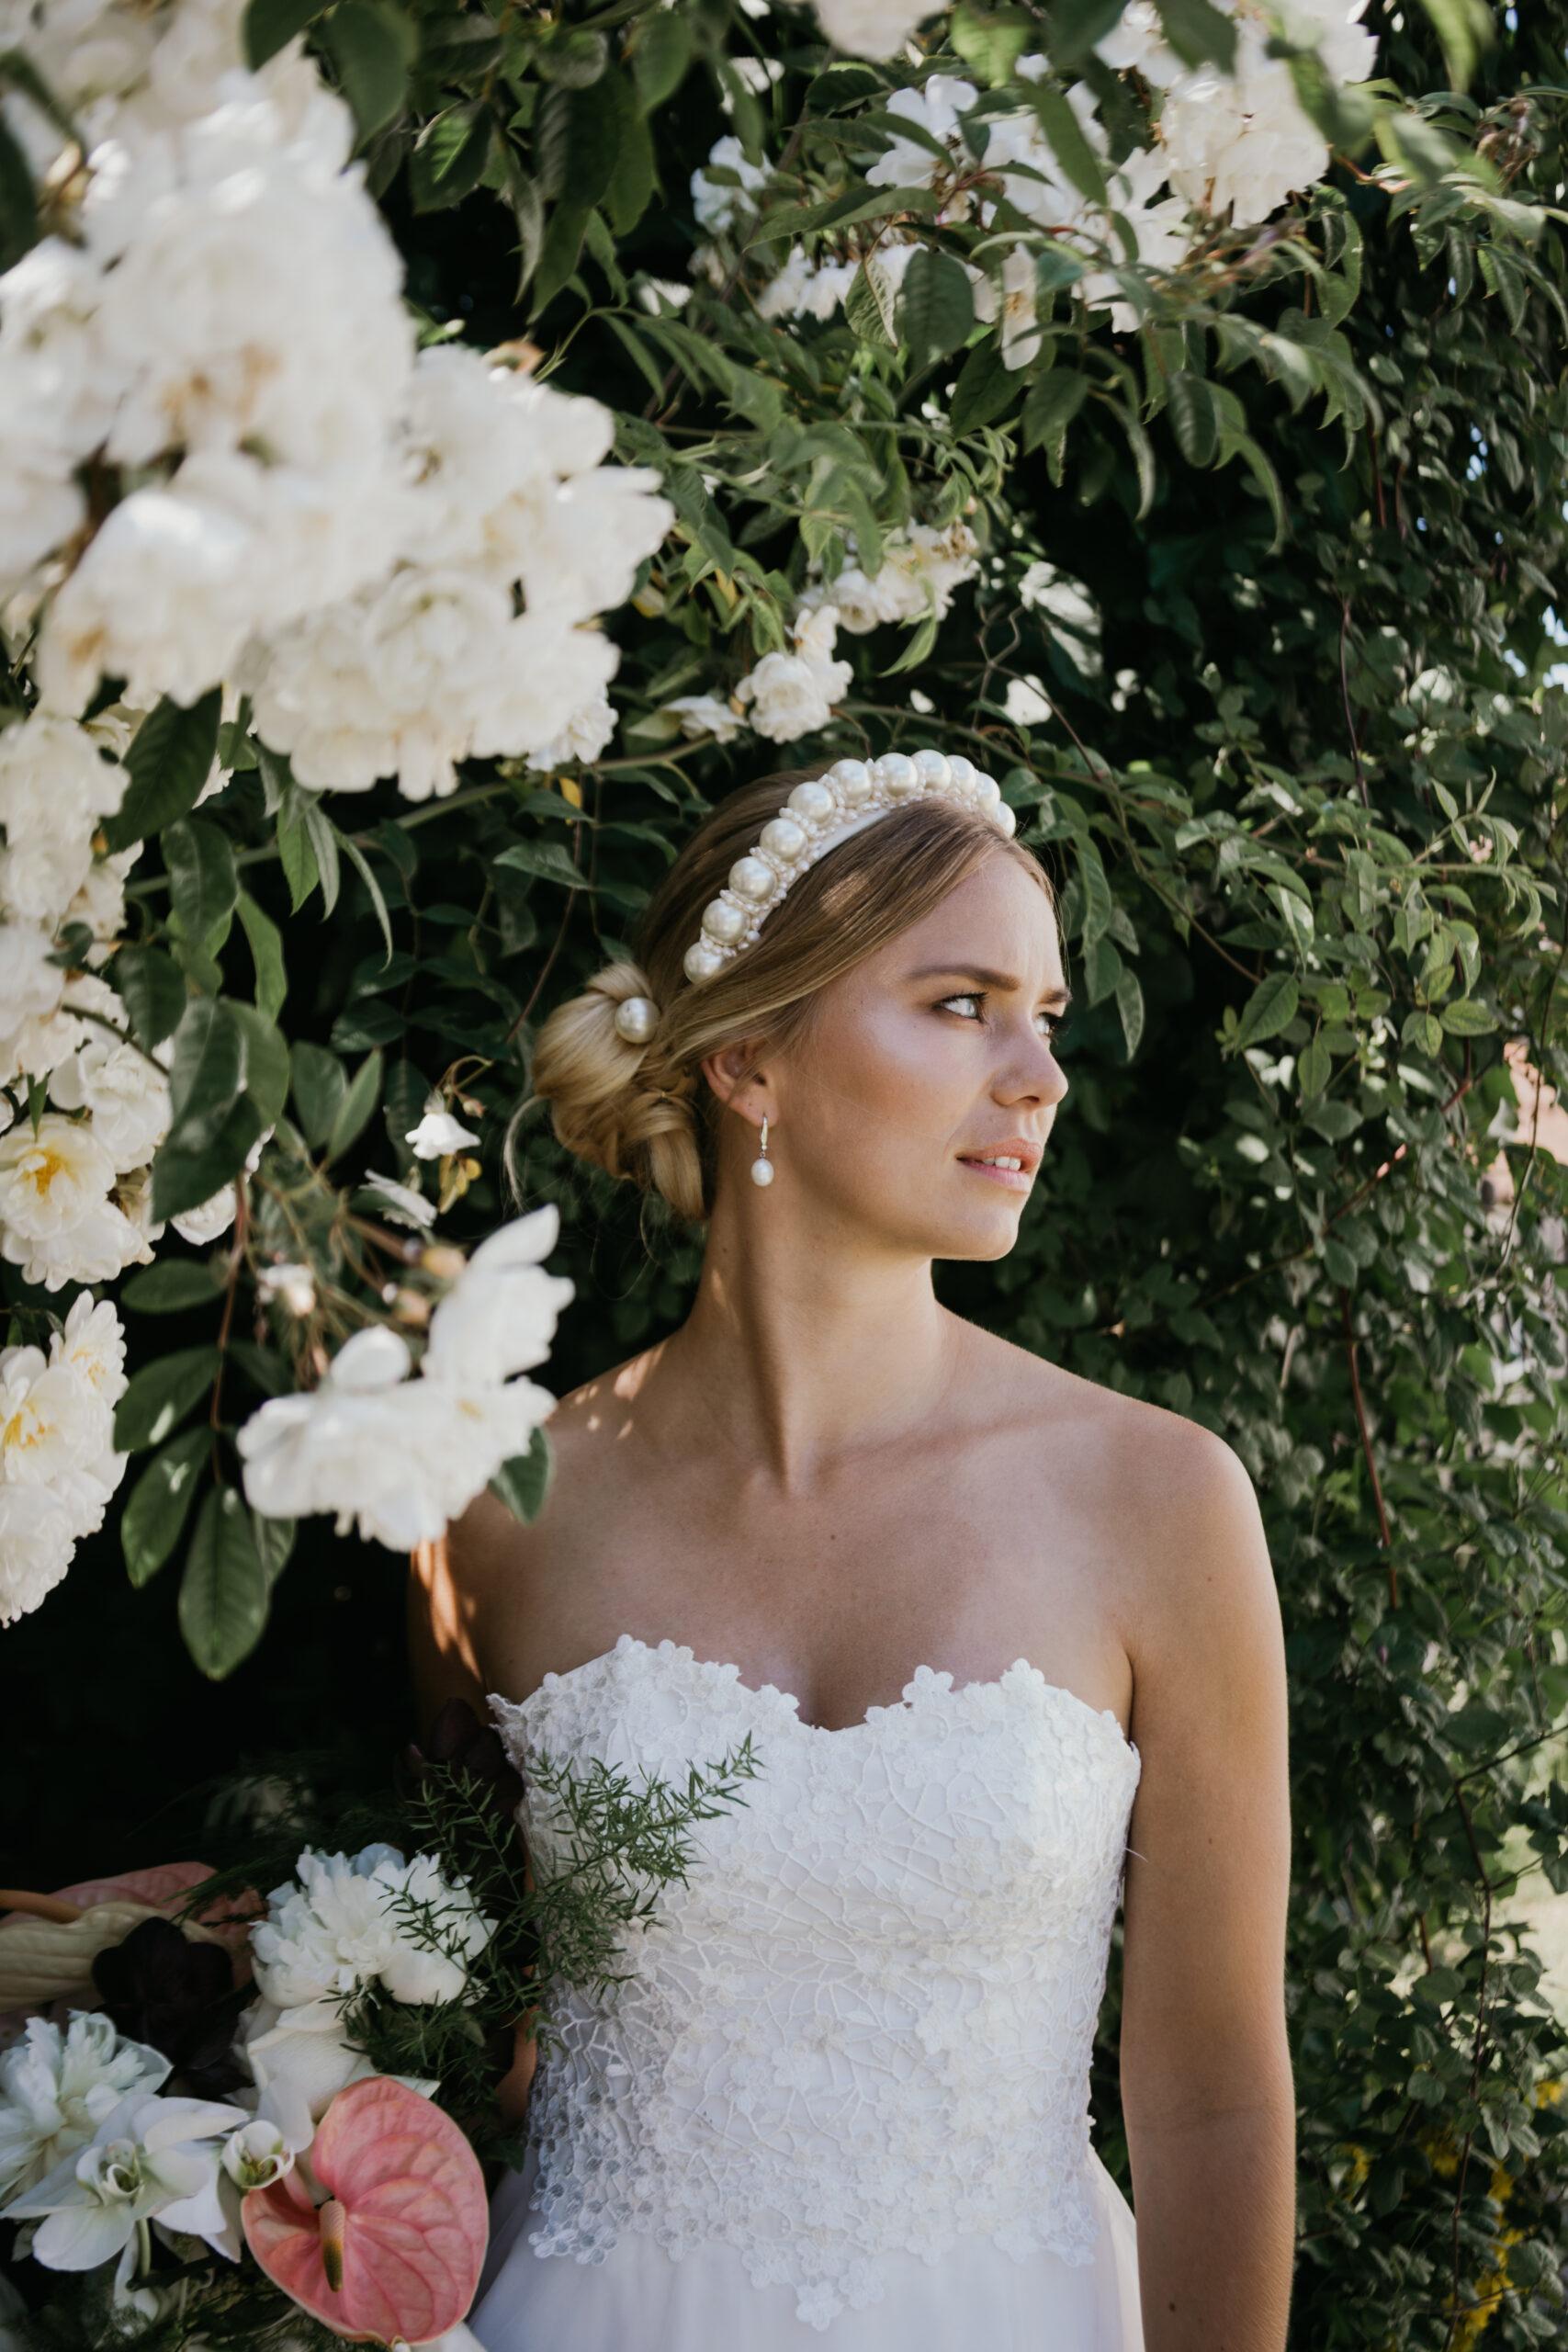 elegant brudekjole med bh corsage og smukt hårbånd med perler